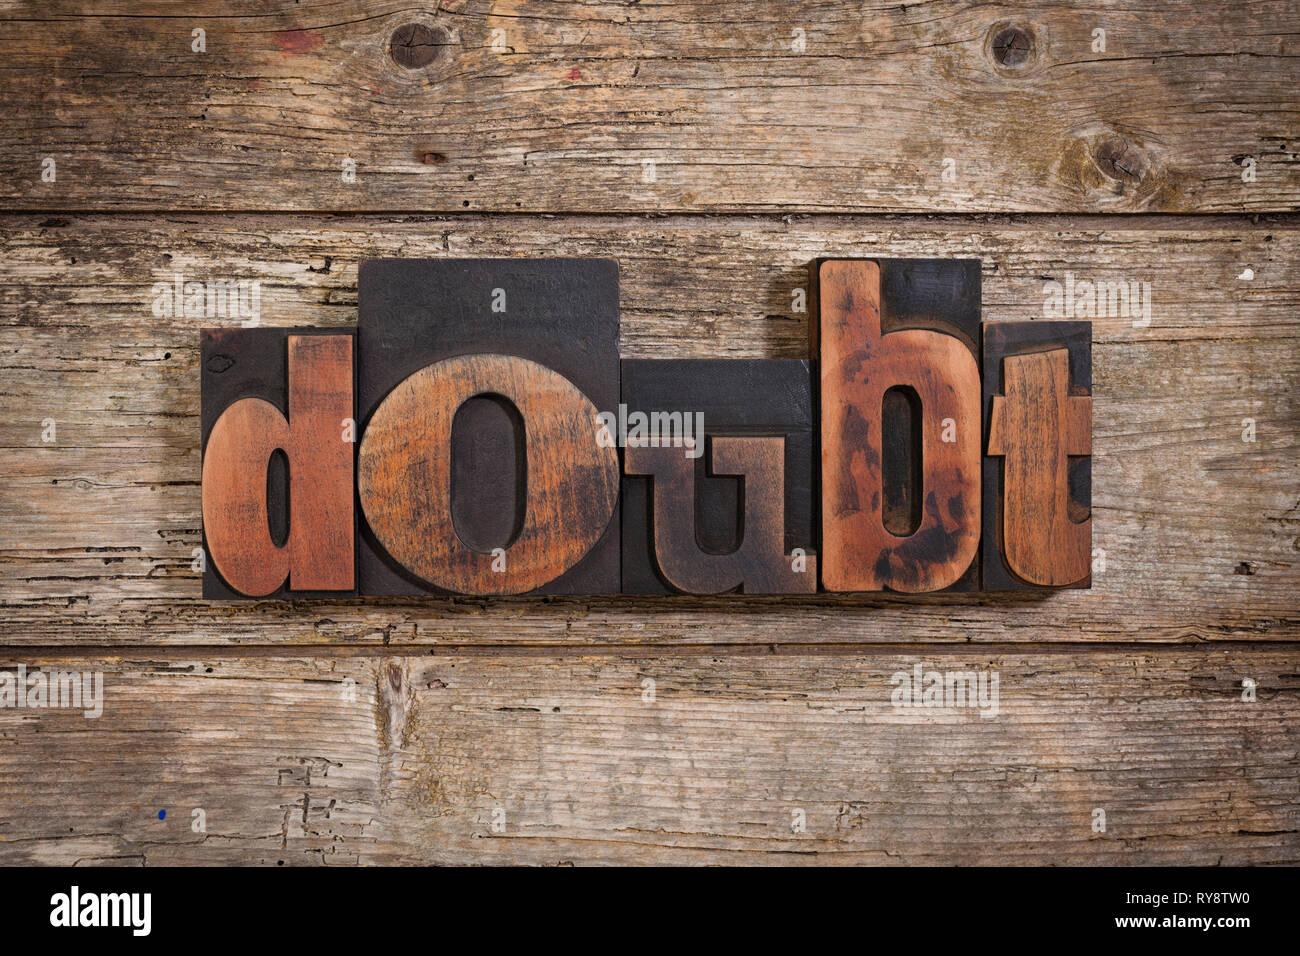 Dubbio, singola parola insieme con l'annata tipografia su blocchi di legno rustico sfondo Immagini Stock